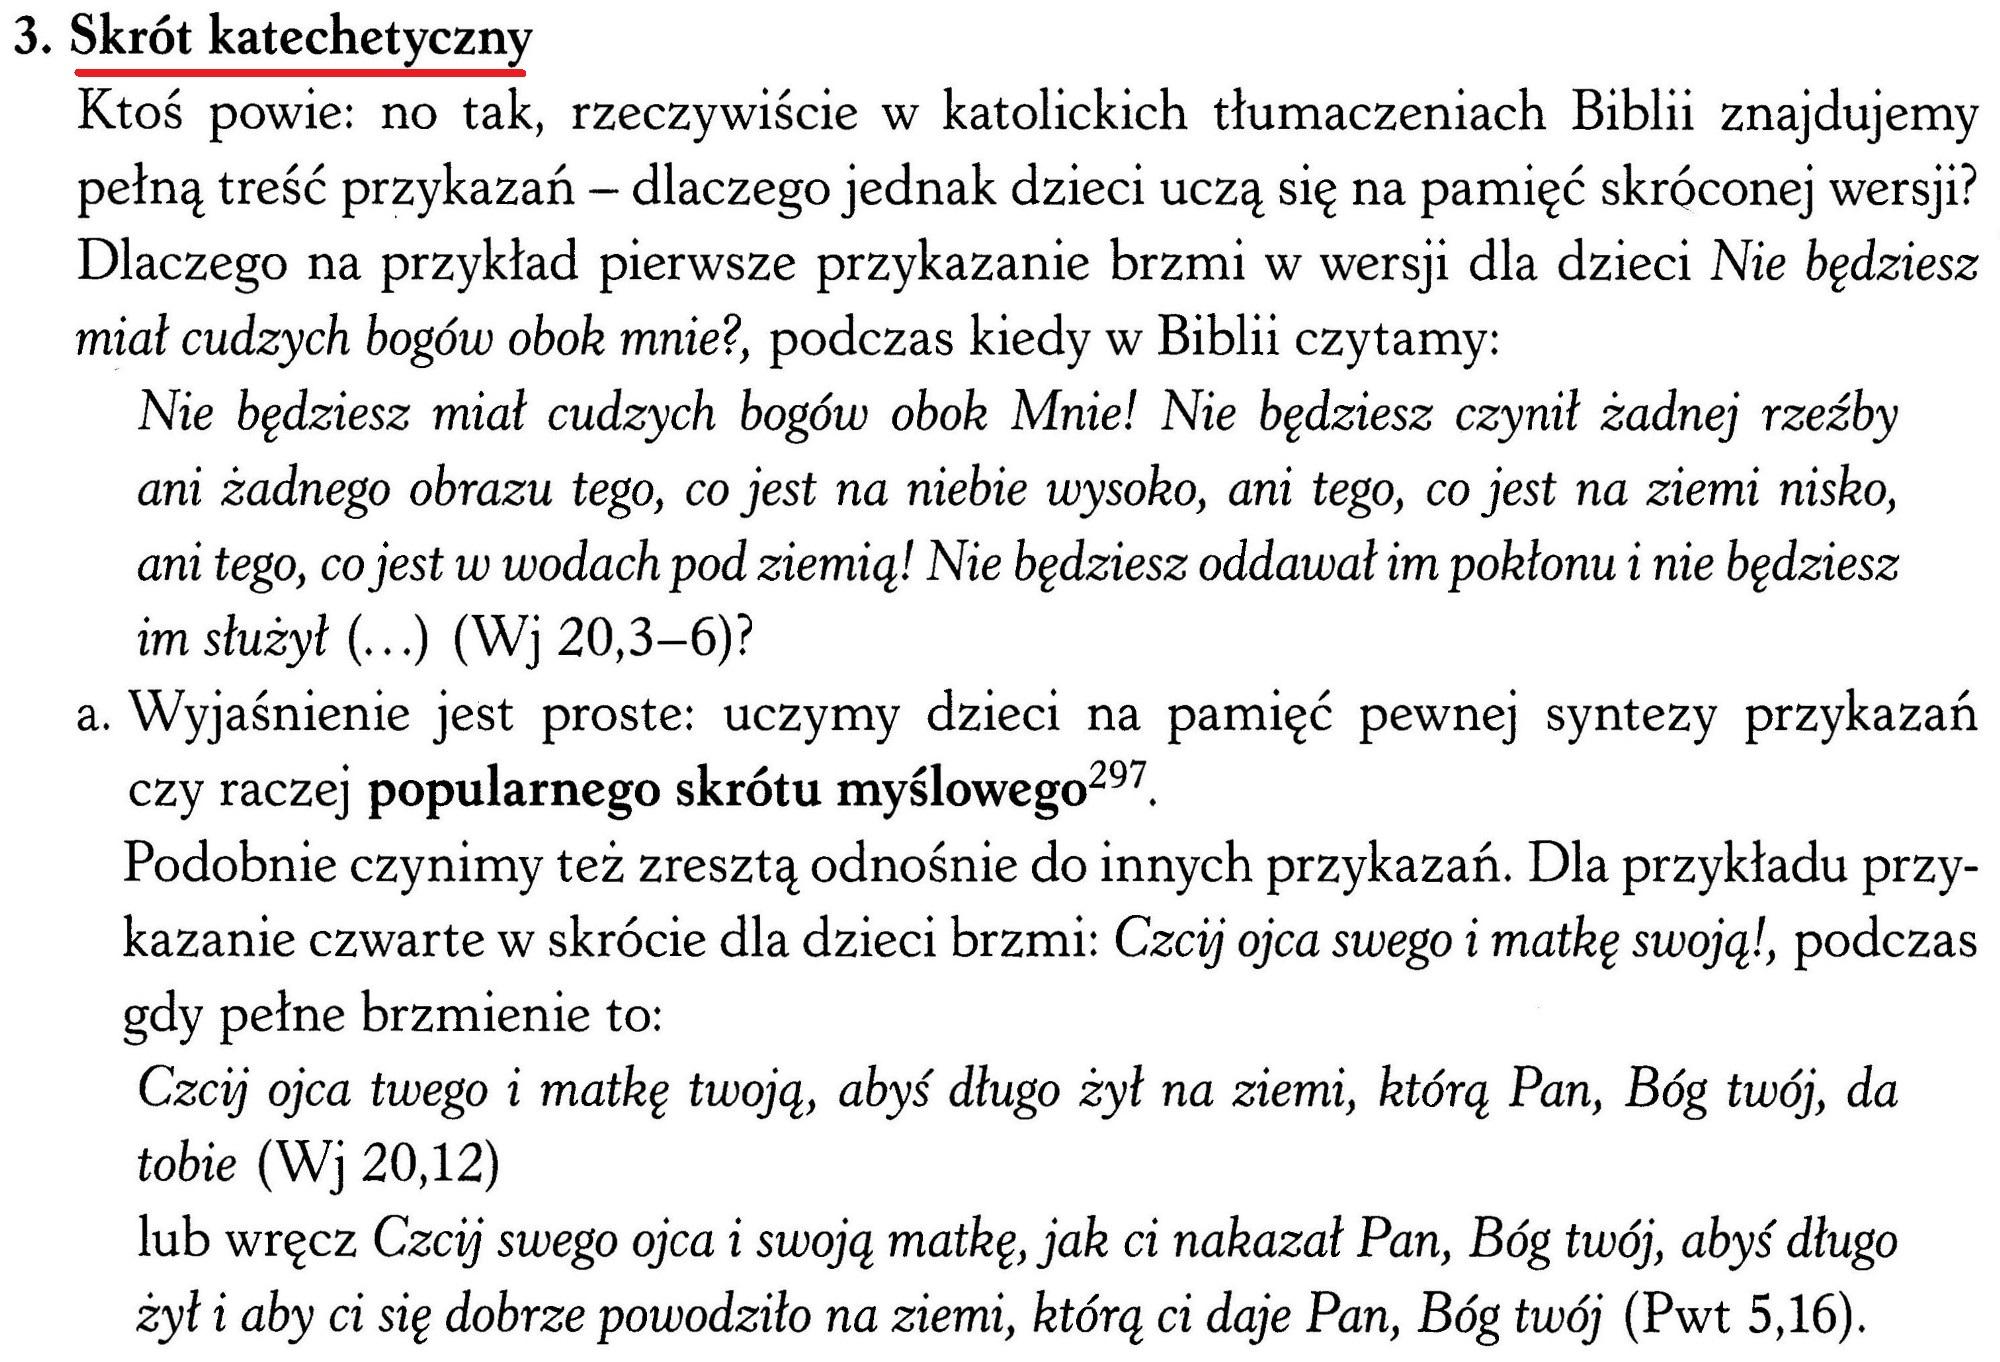 Marek Piotrowski, Dlaczego ufam Kościołowi